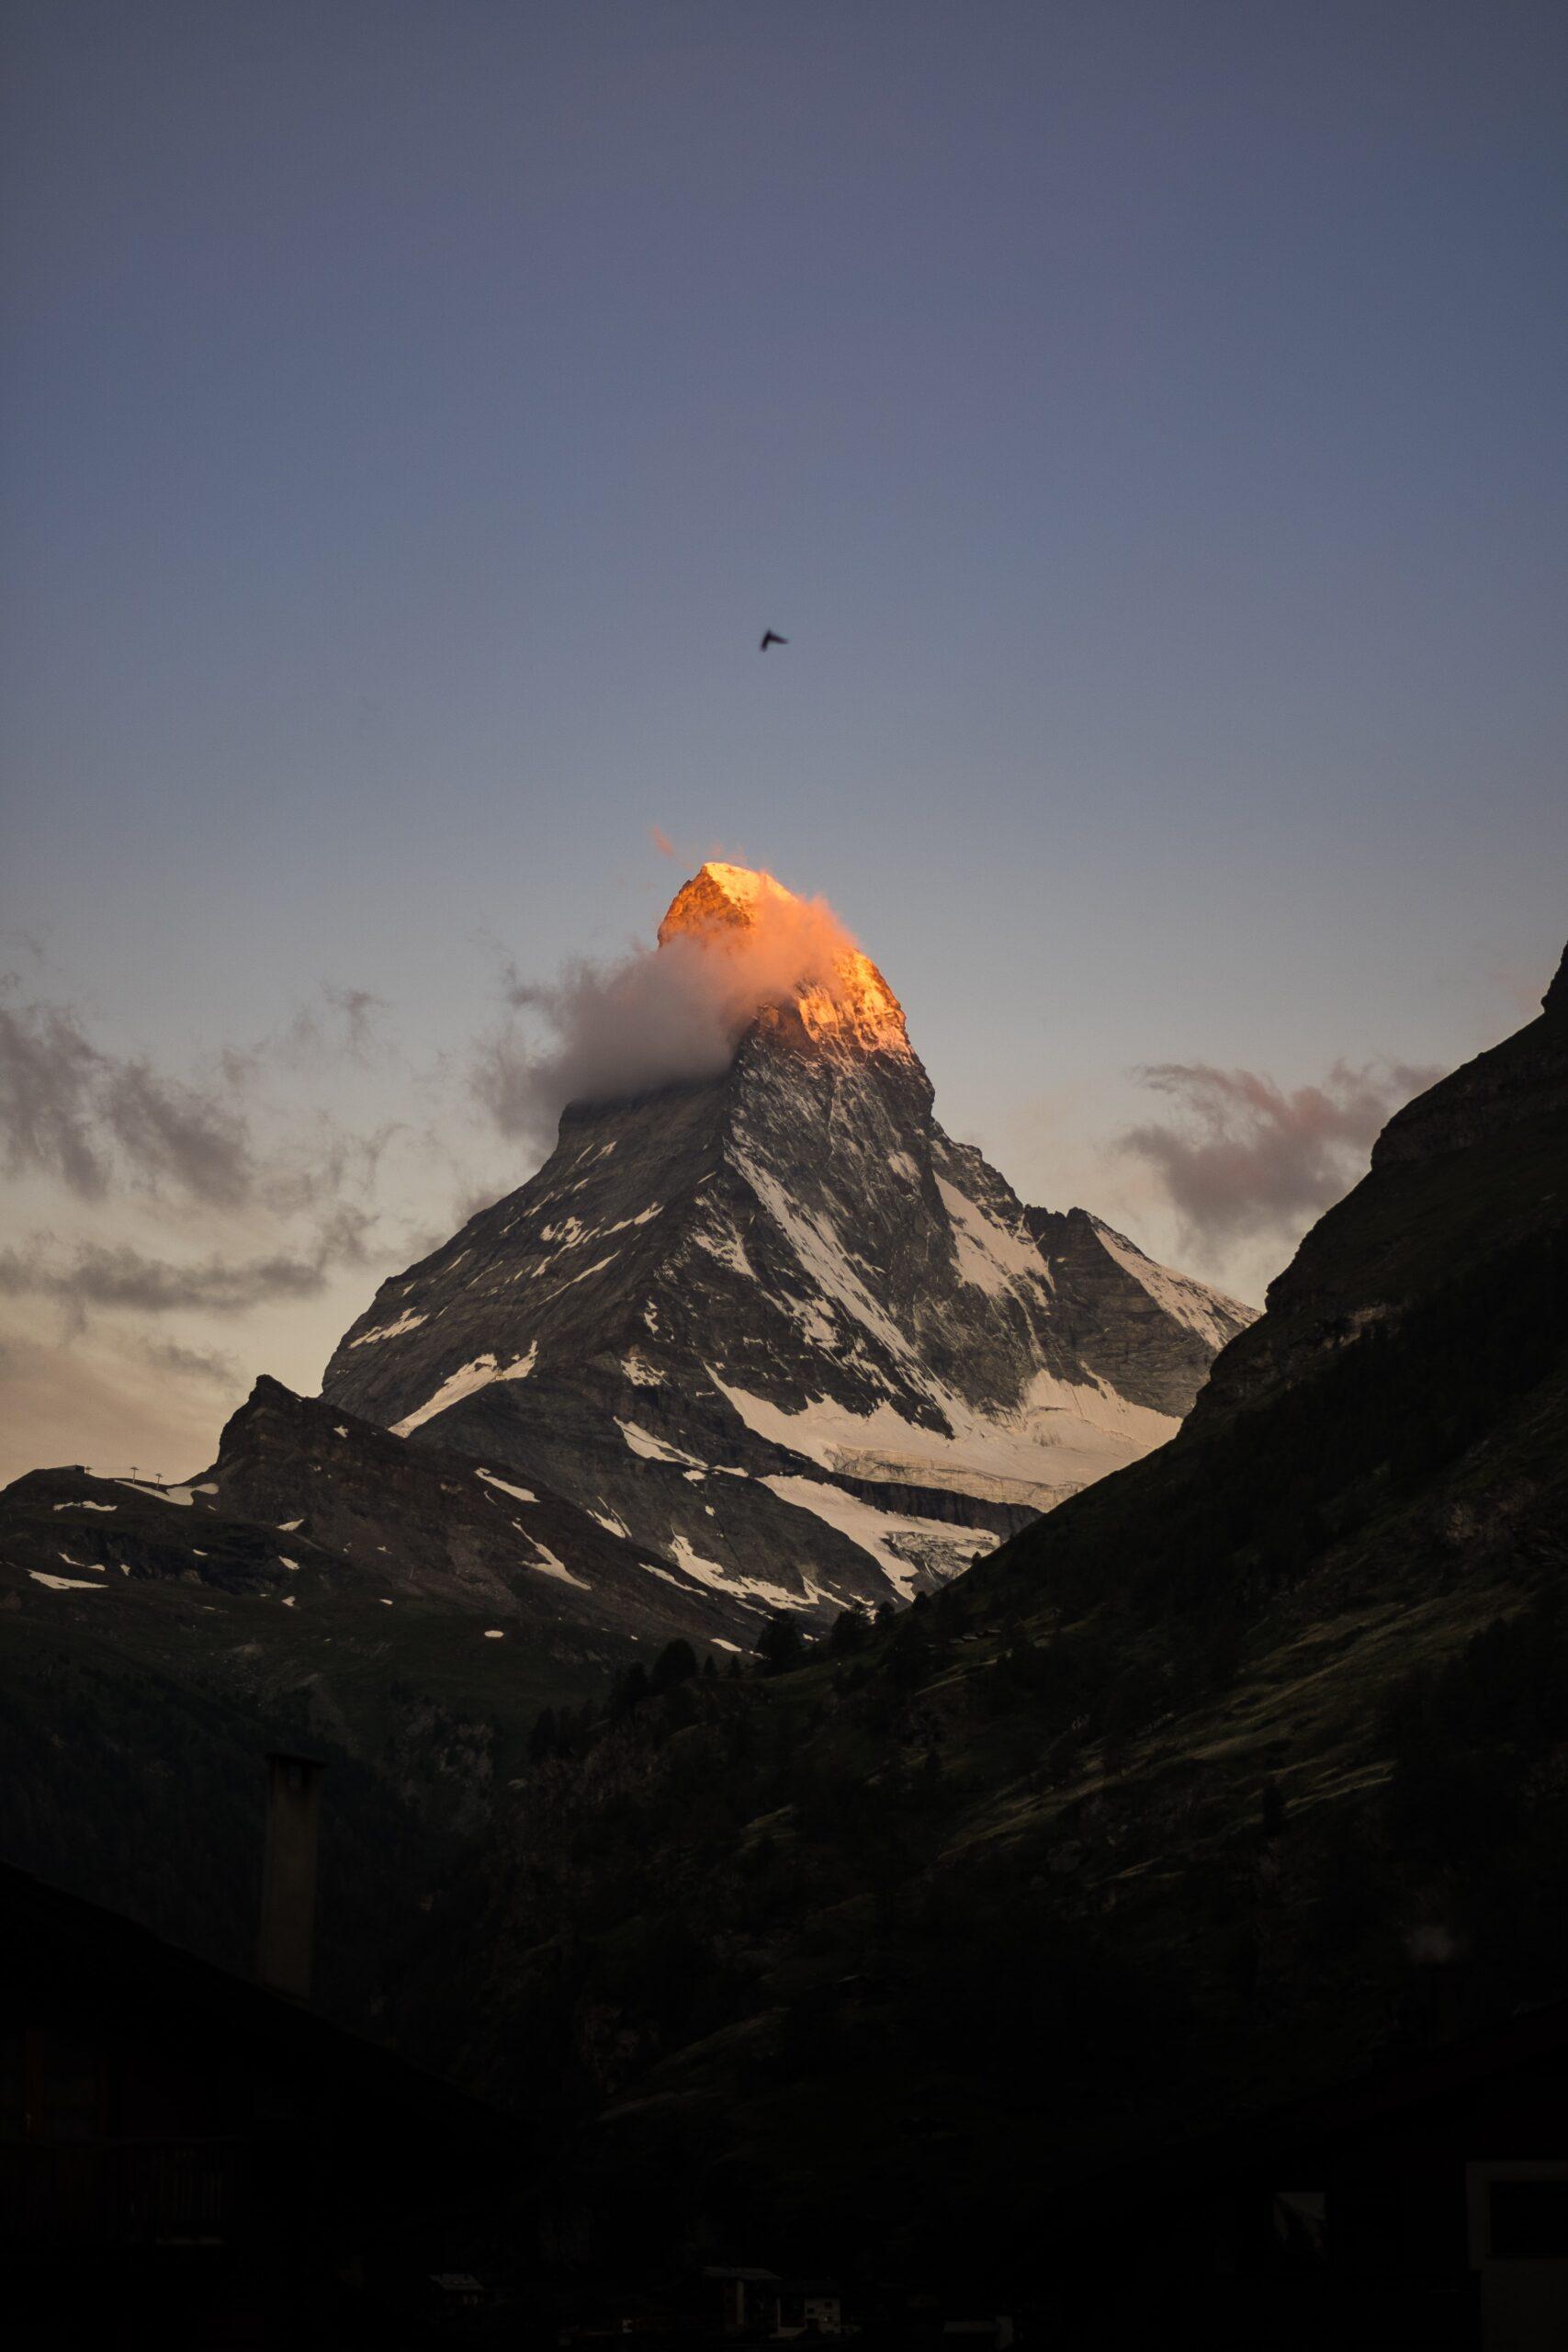 hot erupting volcano as metaphor for ruptured abscess